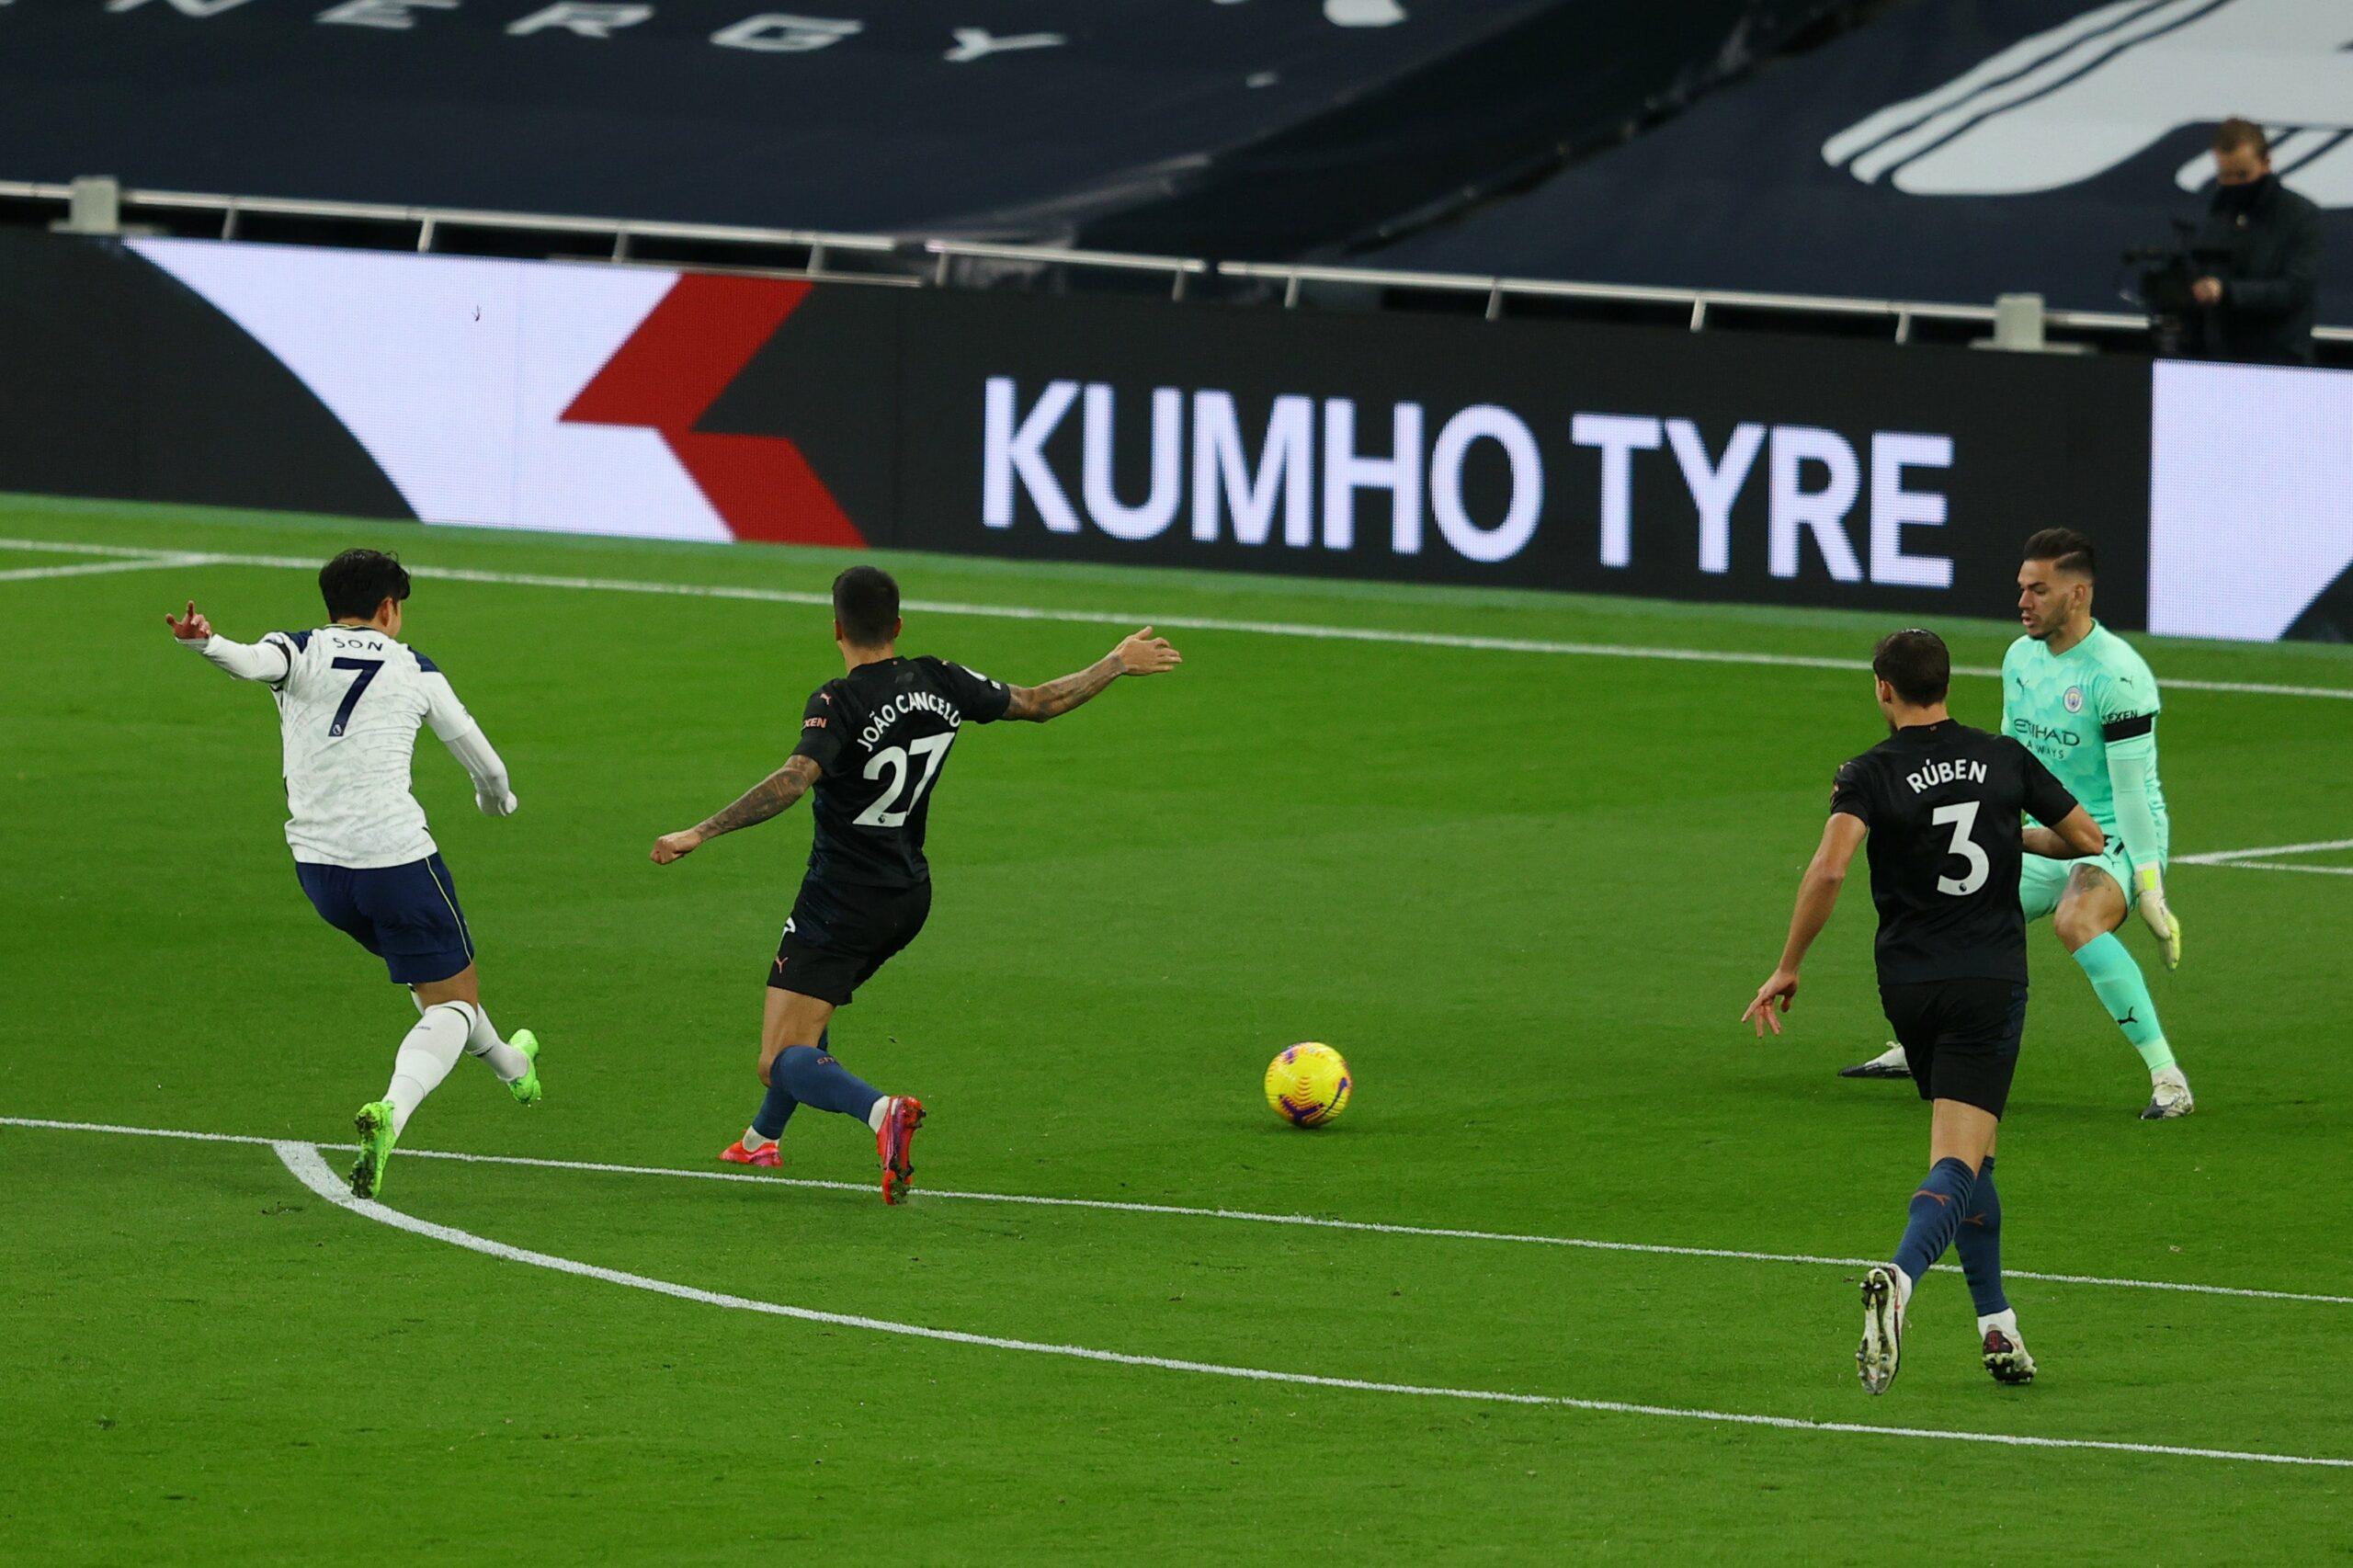 توتنهام 2-0 مانشستر سيتي: أحدث الدوري الإنجليزي كما حدث - بث مباشر!